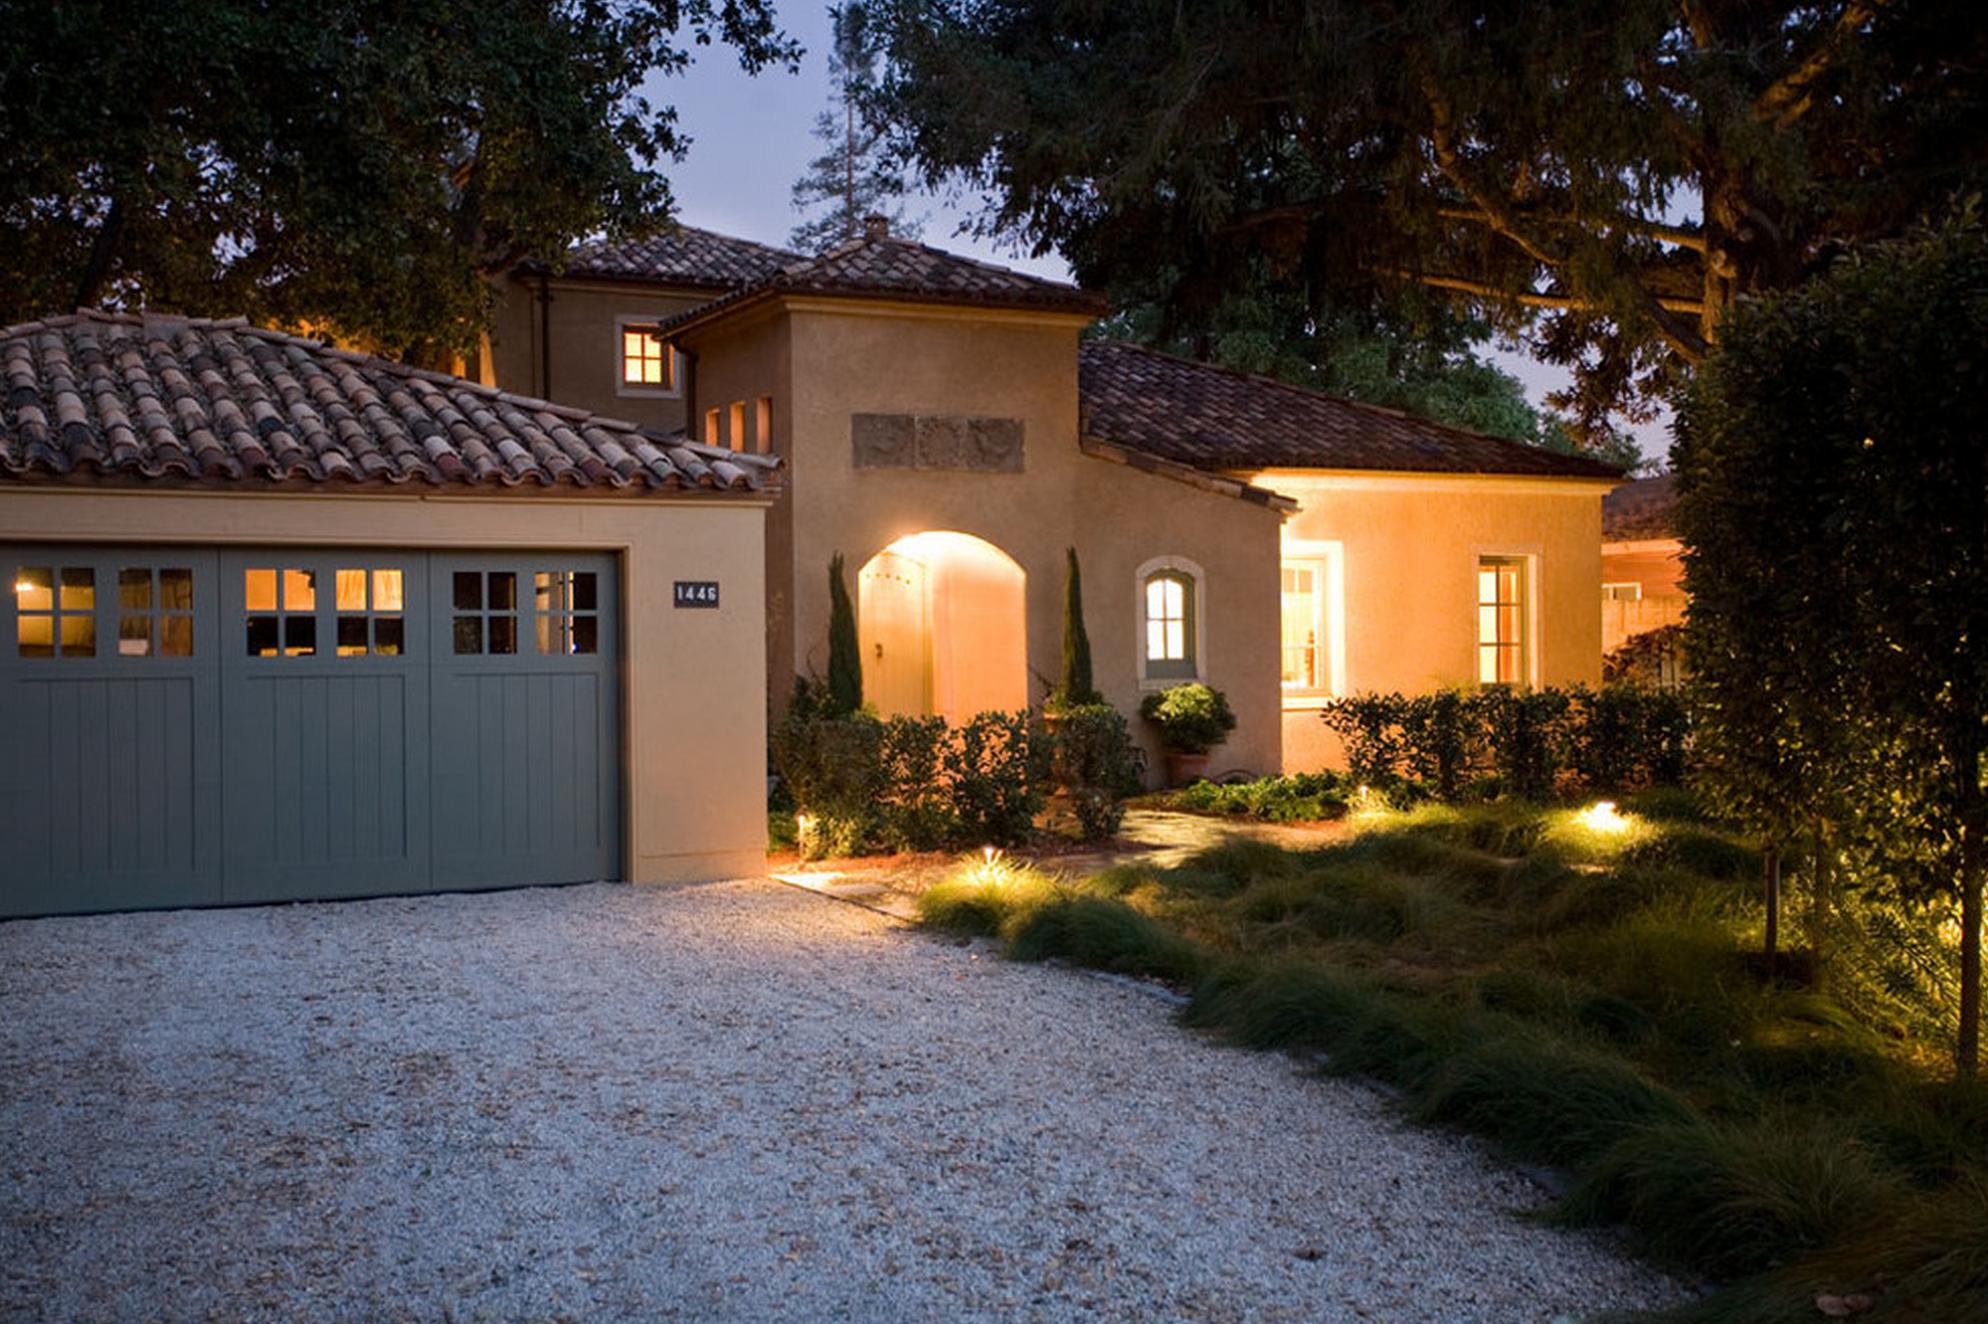 Stucco exterior gravel driveway terracotta roof blue garage door